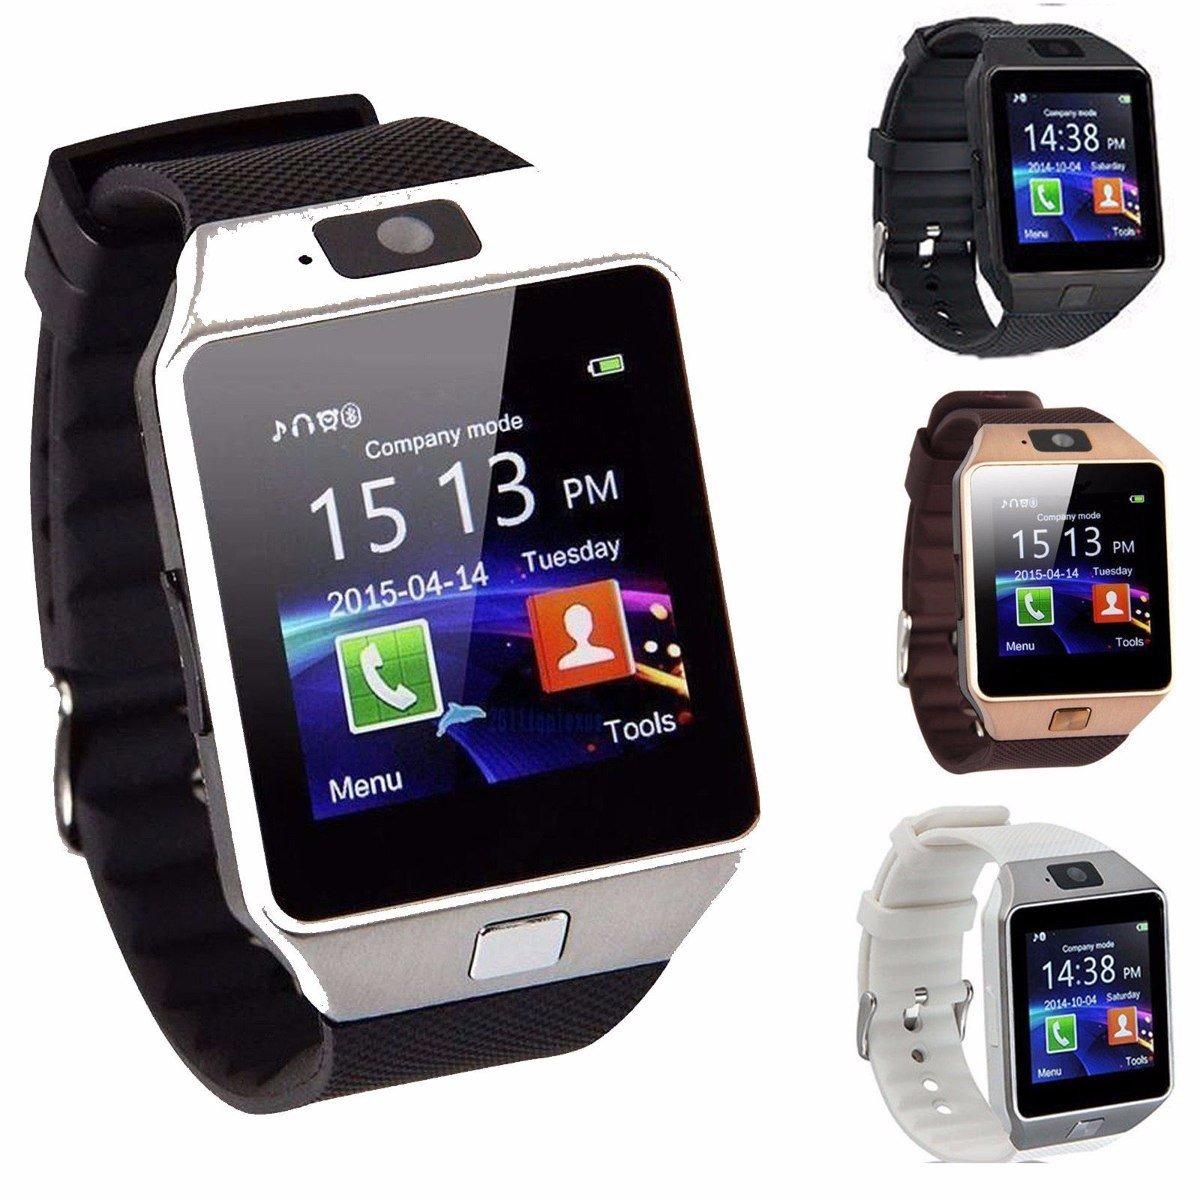 3c504ae7b70 Reloj Smartwatch Dz09 Reloj Celular Bluetooth Camara -   245.00 en Mercado  Libre